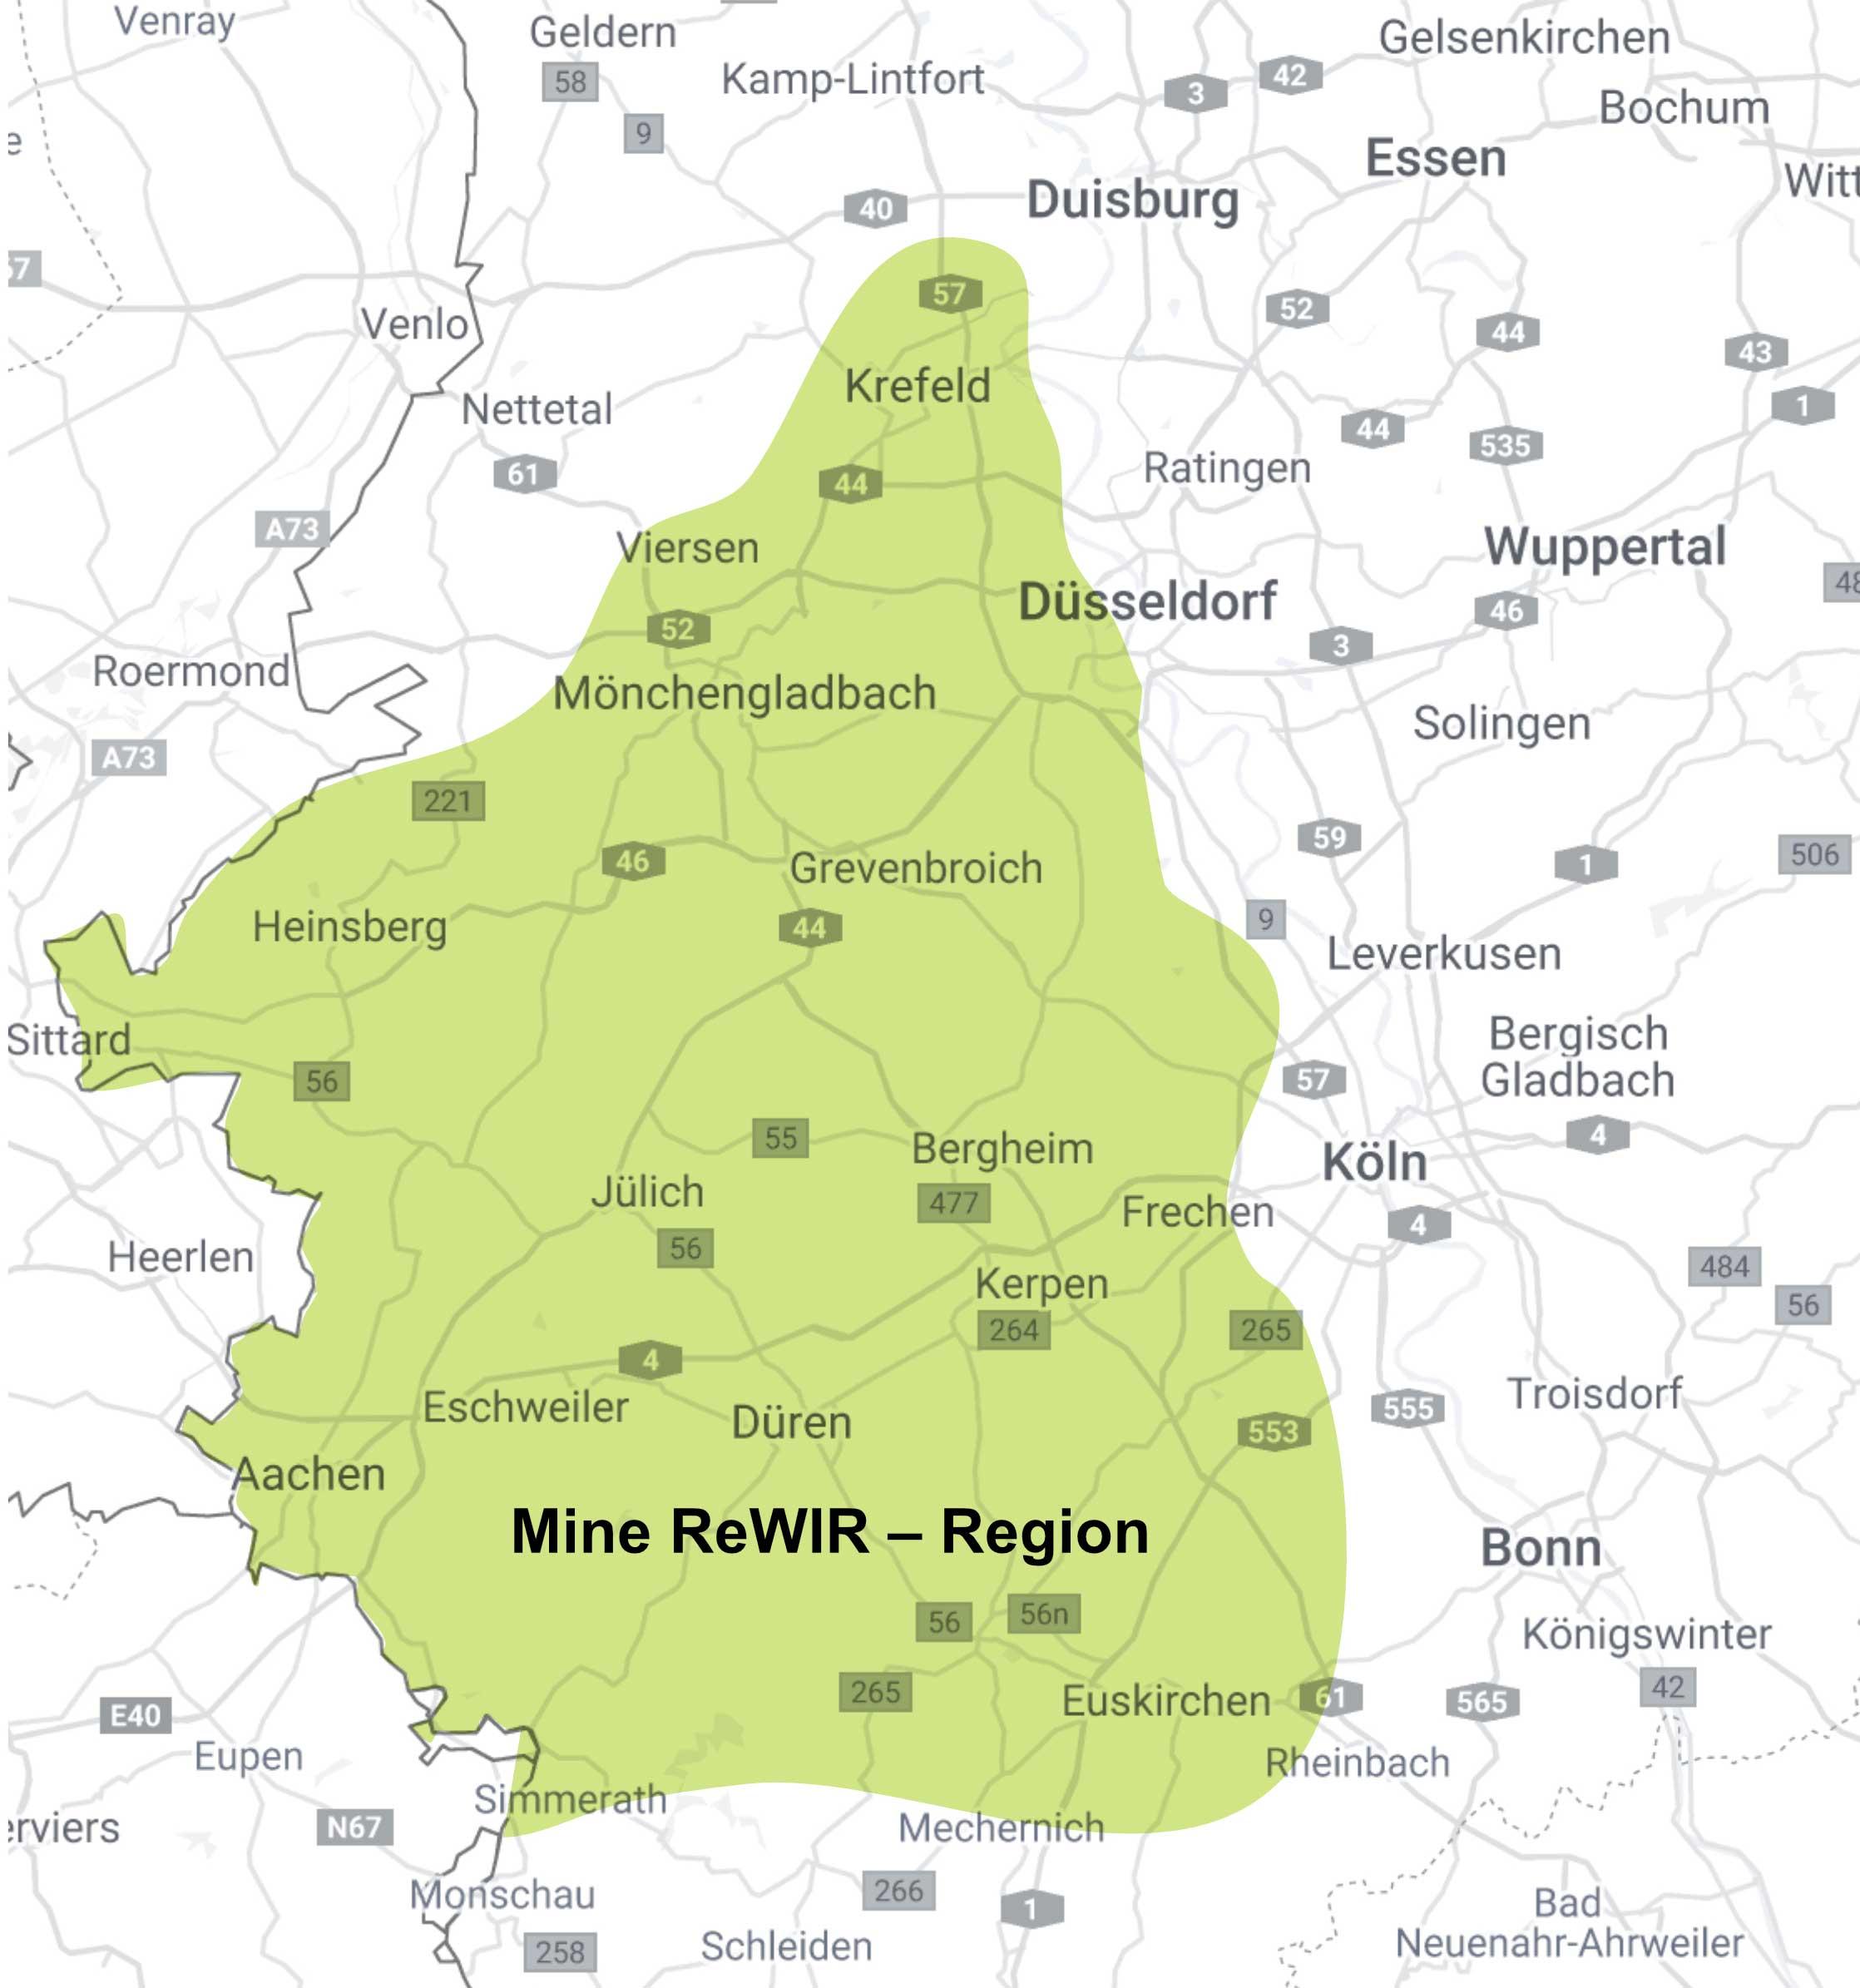 Karte MineReWIR